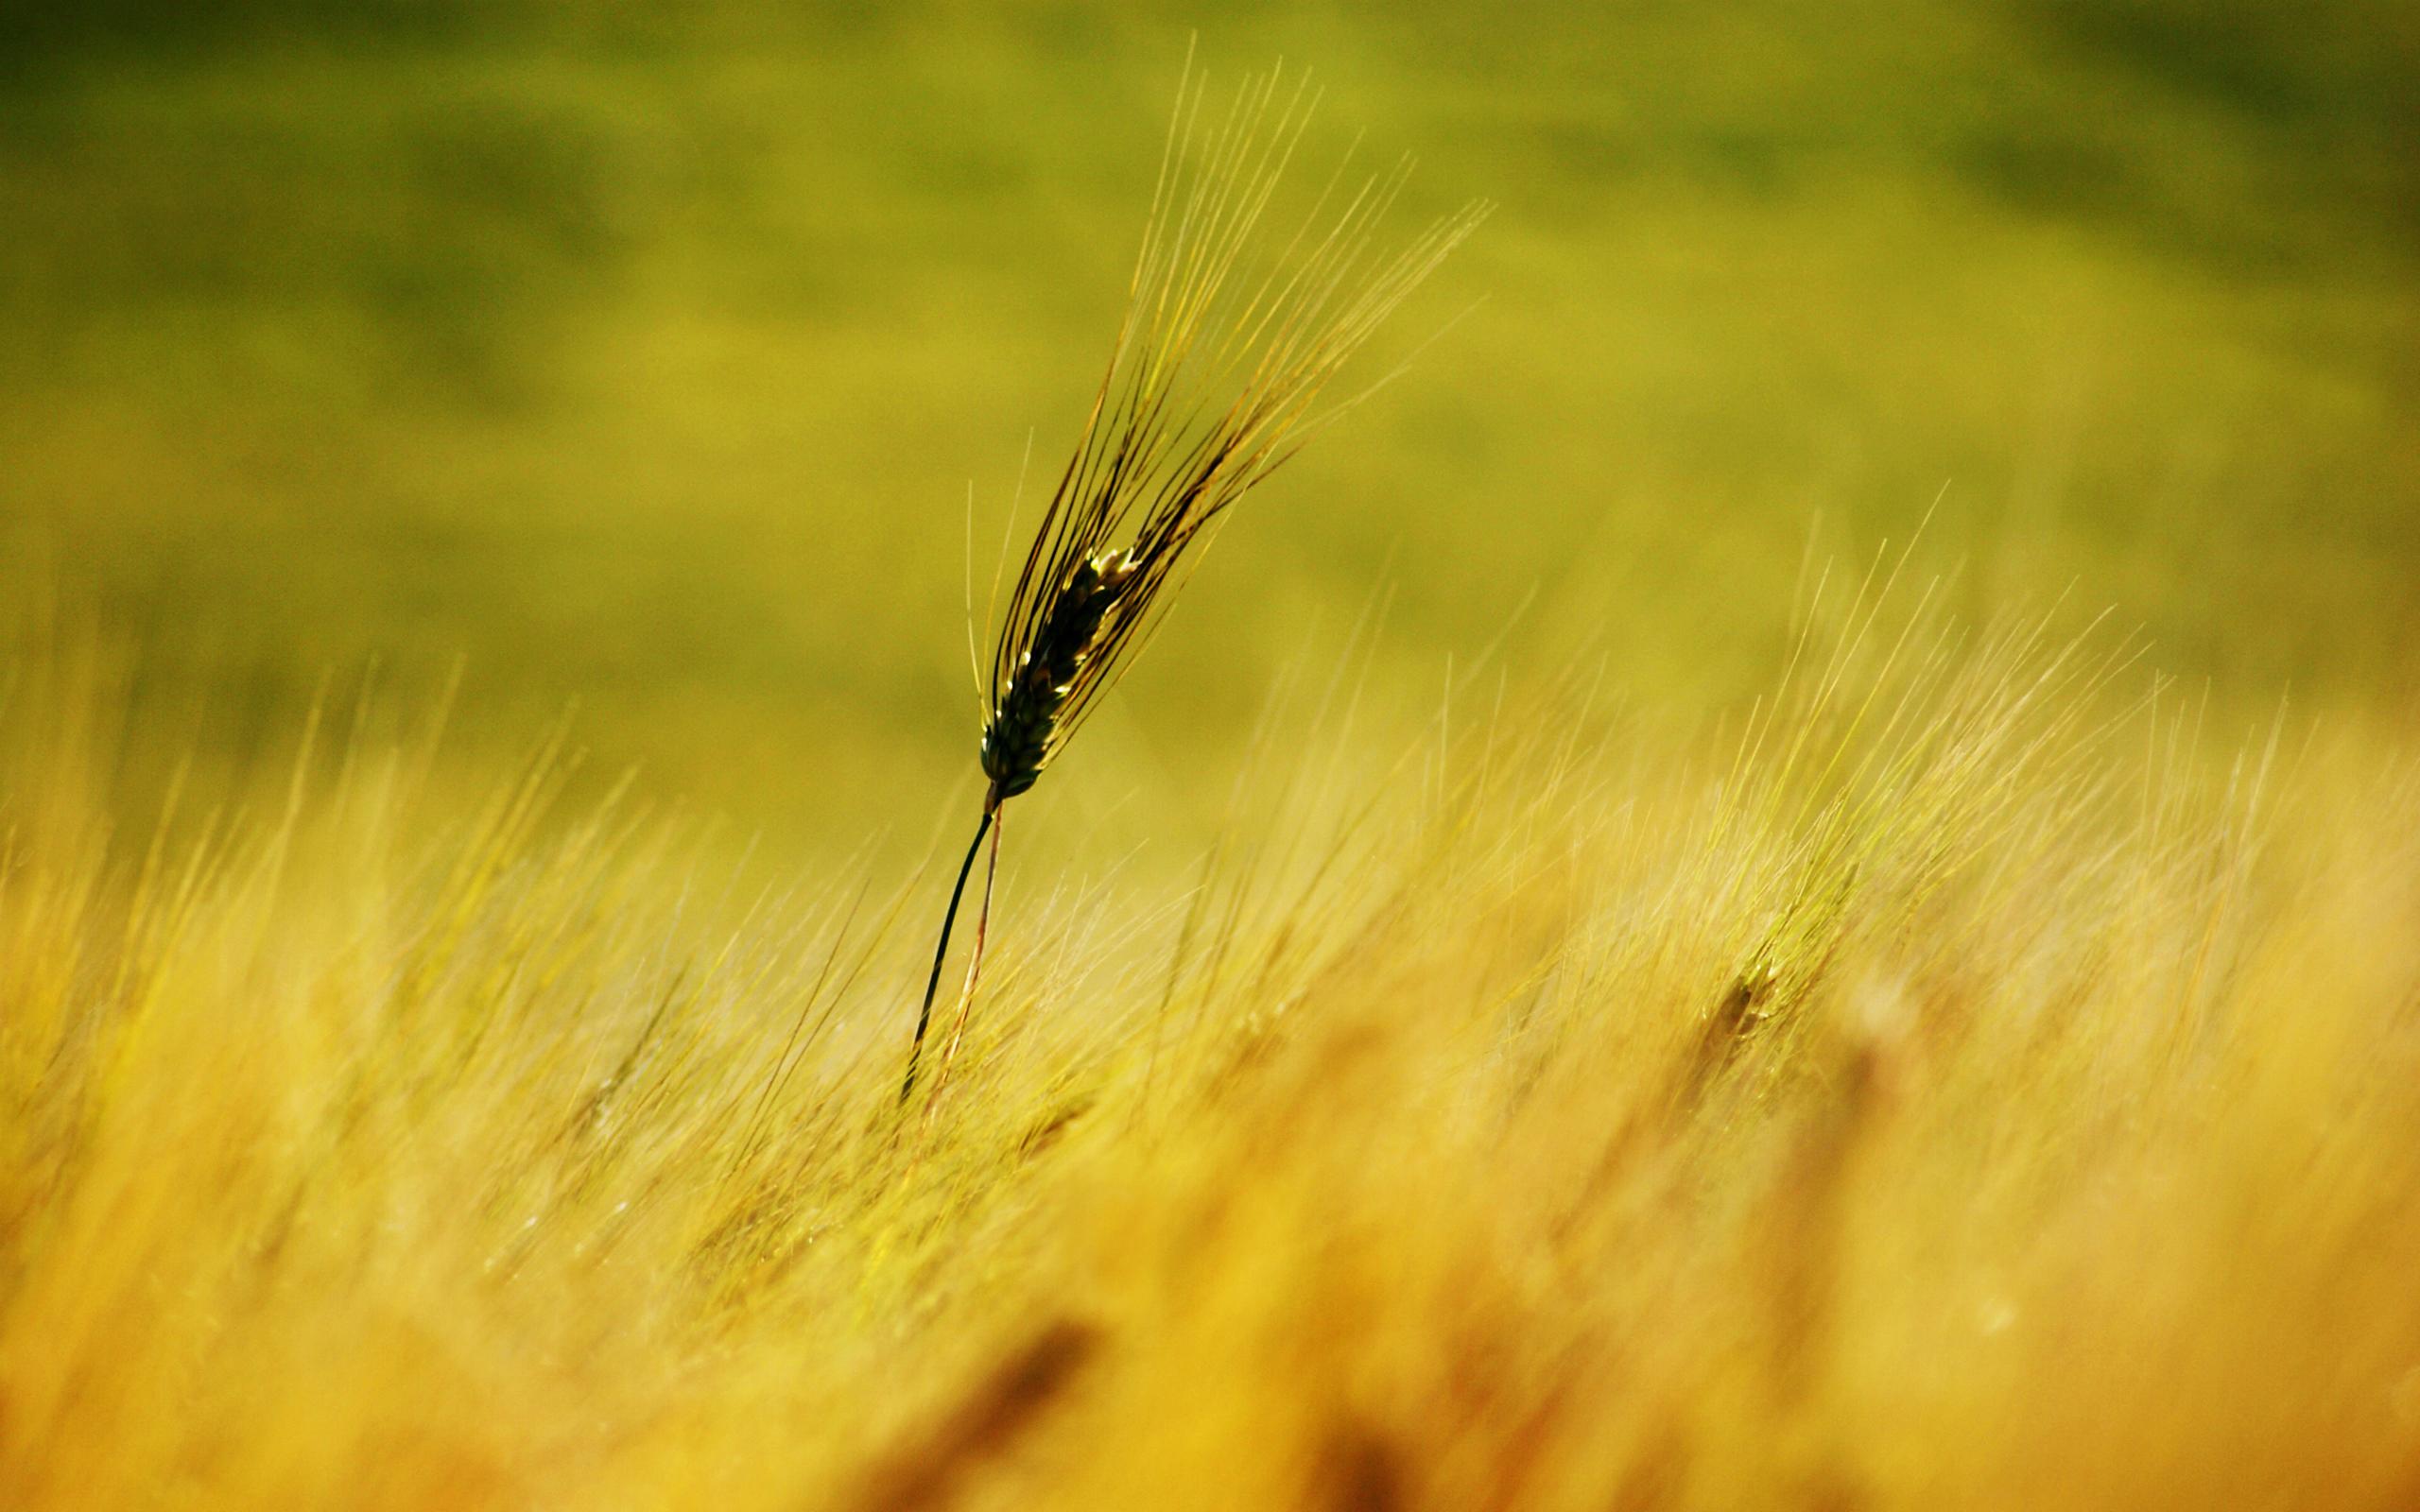 paisaje de trigo